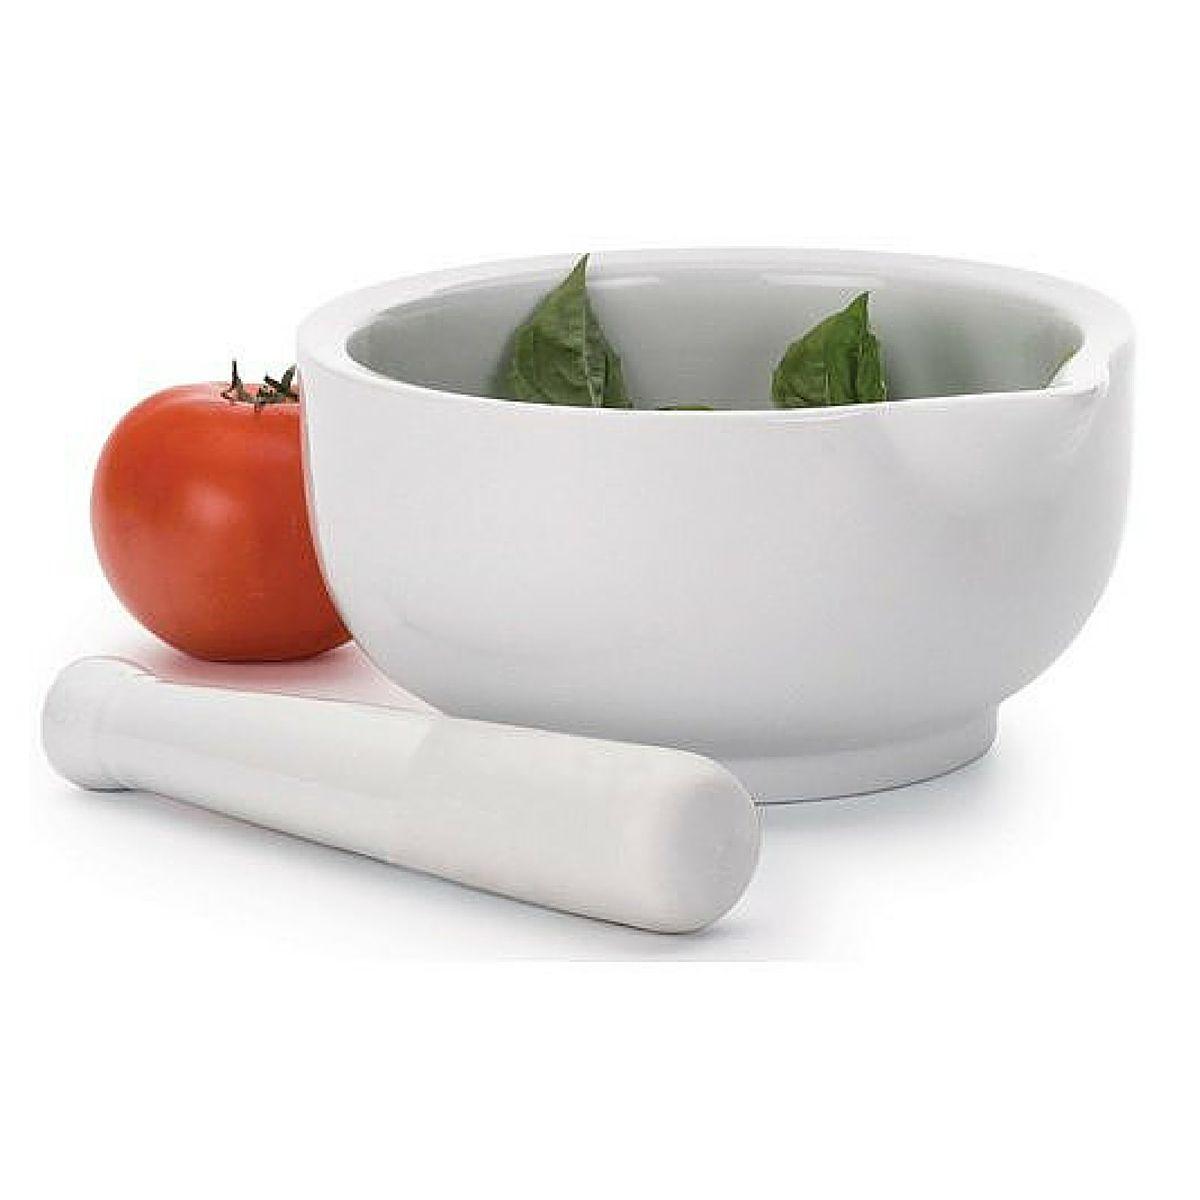 Ступка RSVP, с пестиком, цвет: белый, 1,42 л115510Эта вместительная фарфоровая ступка (диаметр 19 см) с пестиком идеальна для приготовления соусов. Разнообразьте своё меню великолепным домашним песто или сальсой!